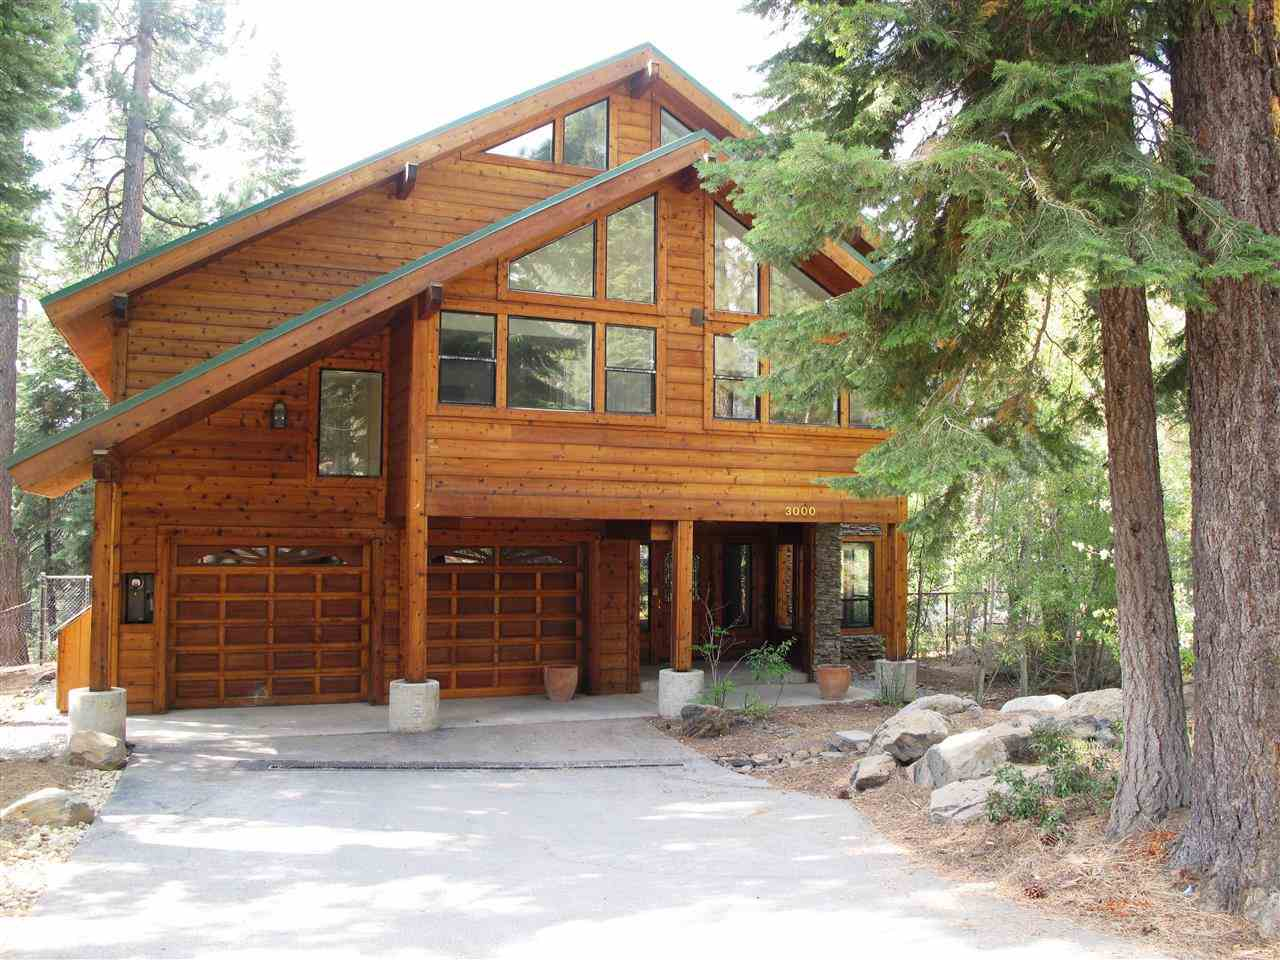 独户住宅 为 销售 在 3000 Polaris Road 3000 Polaris Road 塔霍湖城, 加利福尼亚州 96145 美国